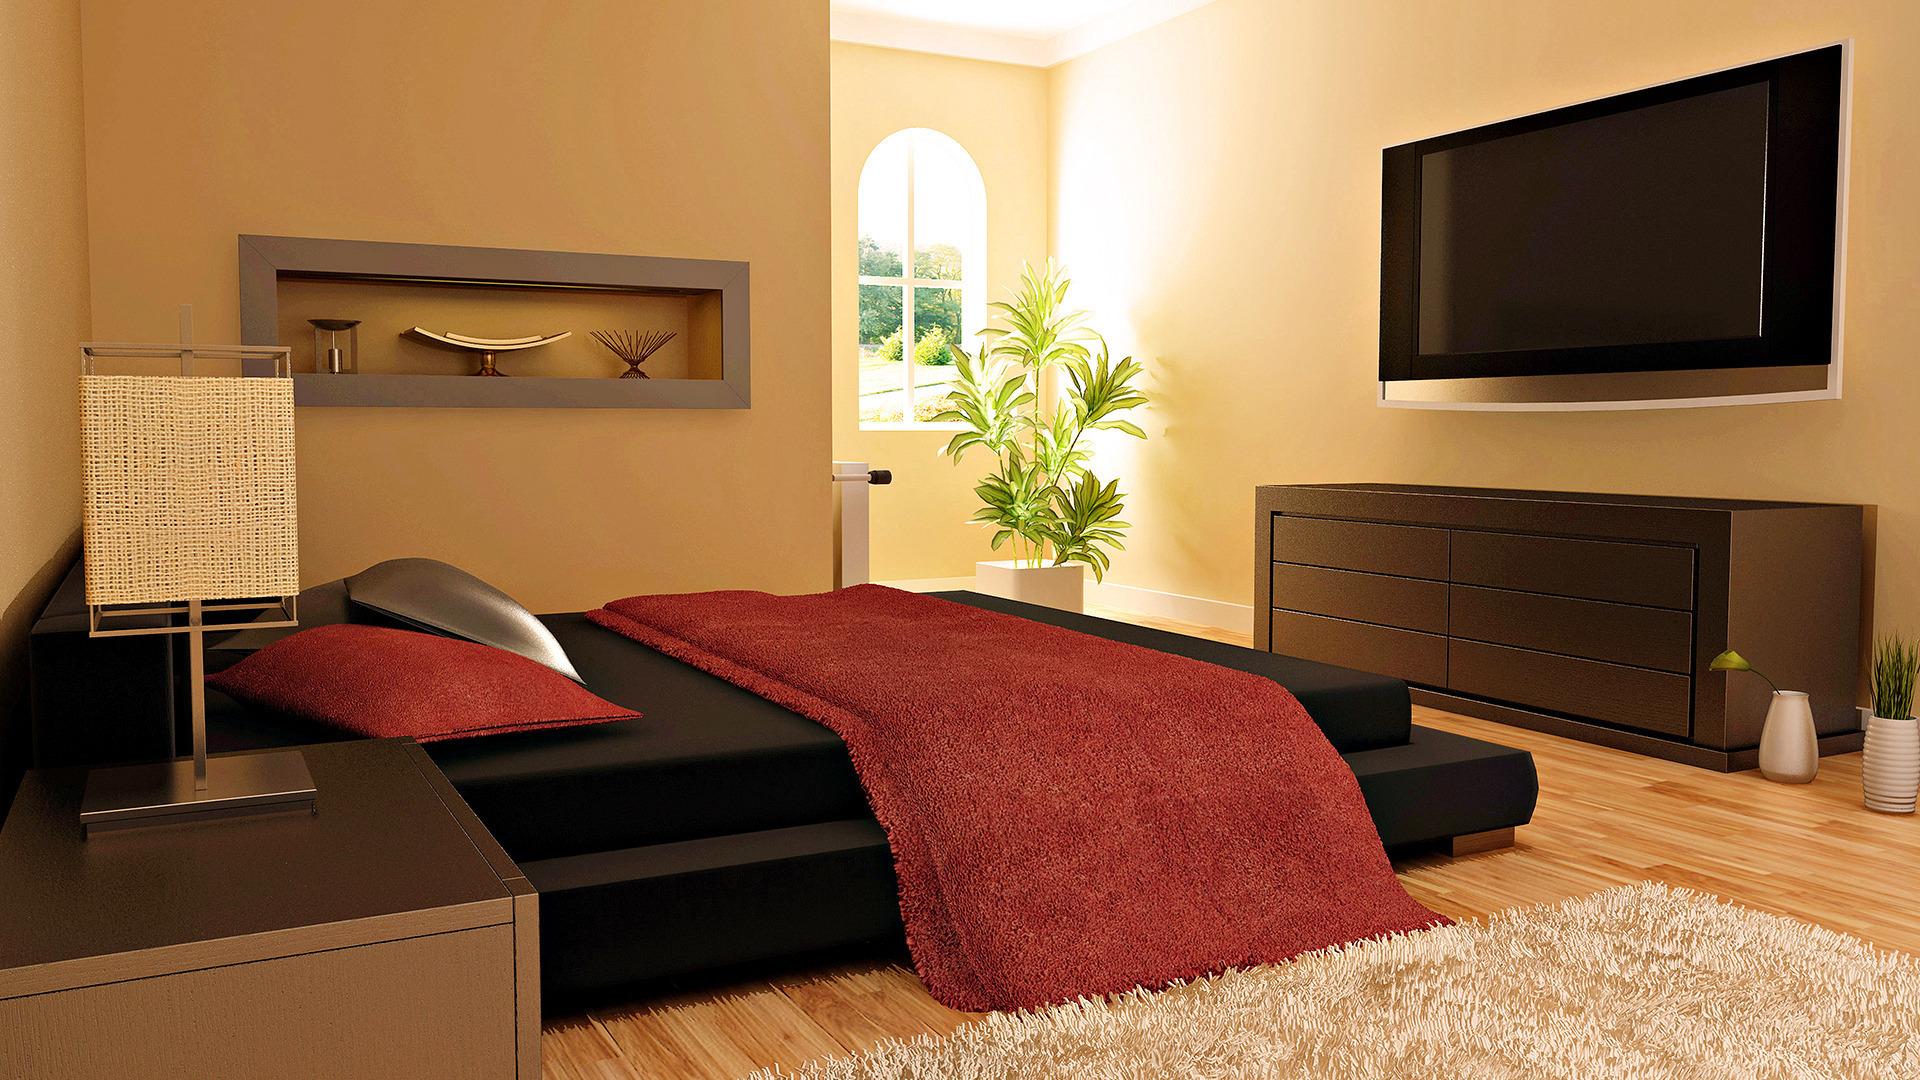 интерьер спальня кровать interior bedroom bed без регистрации